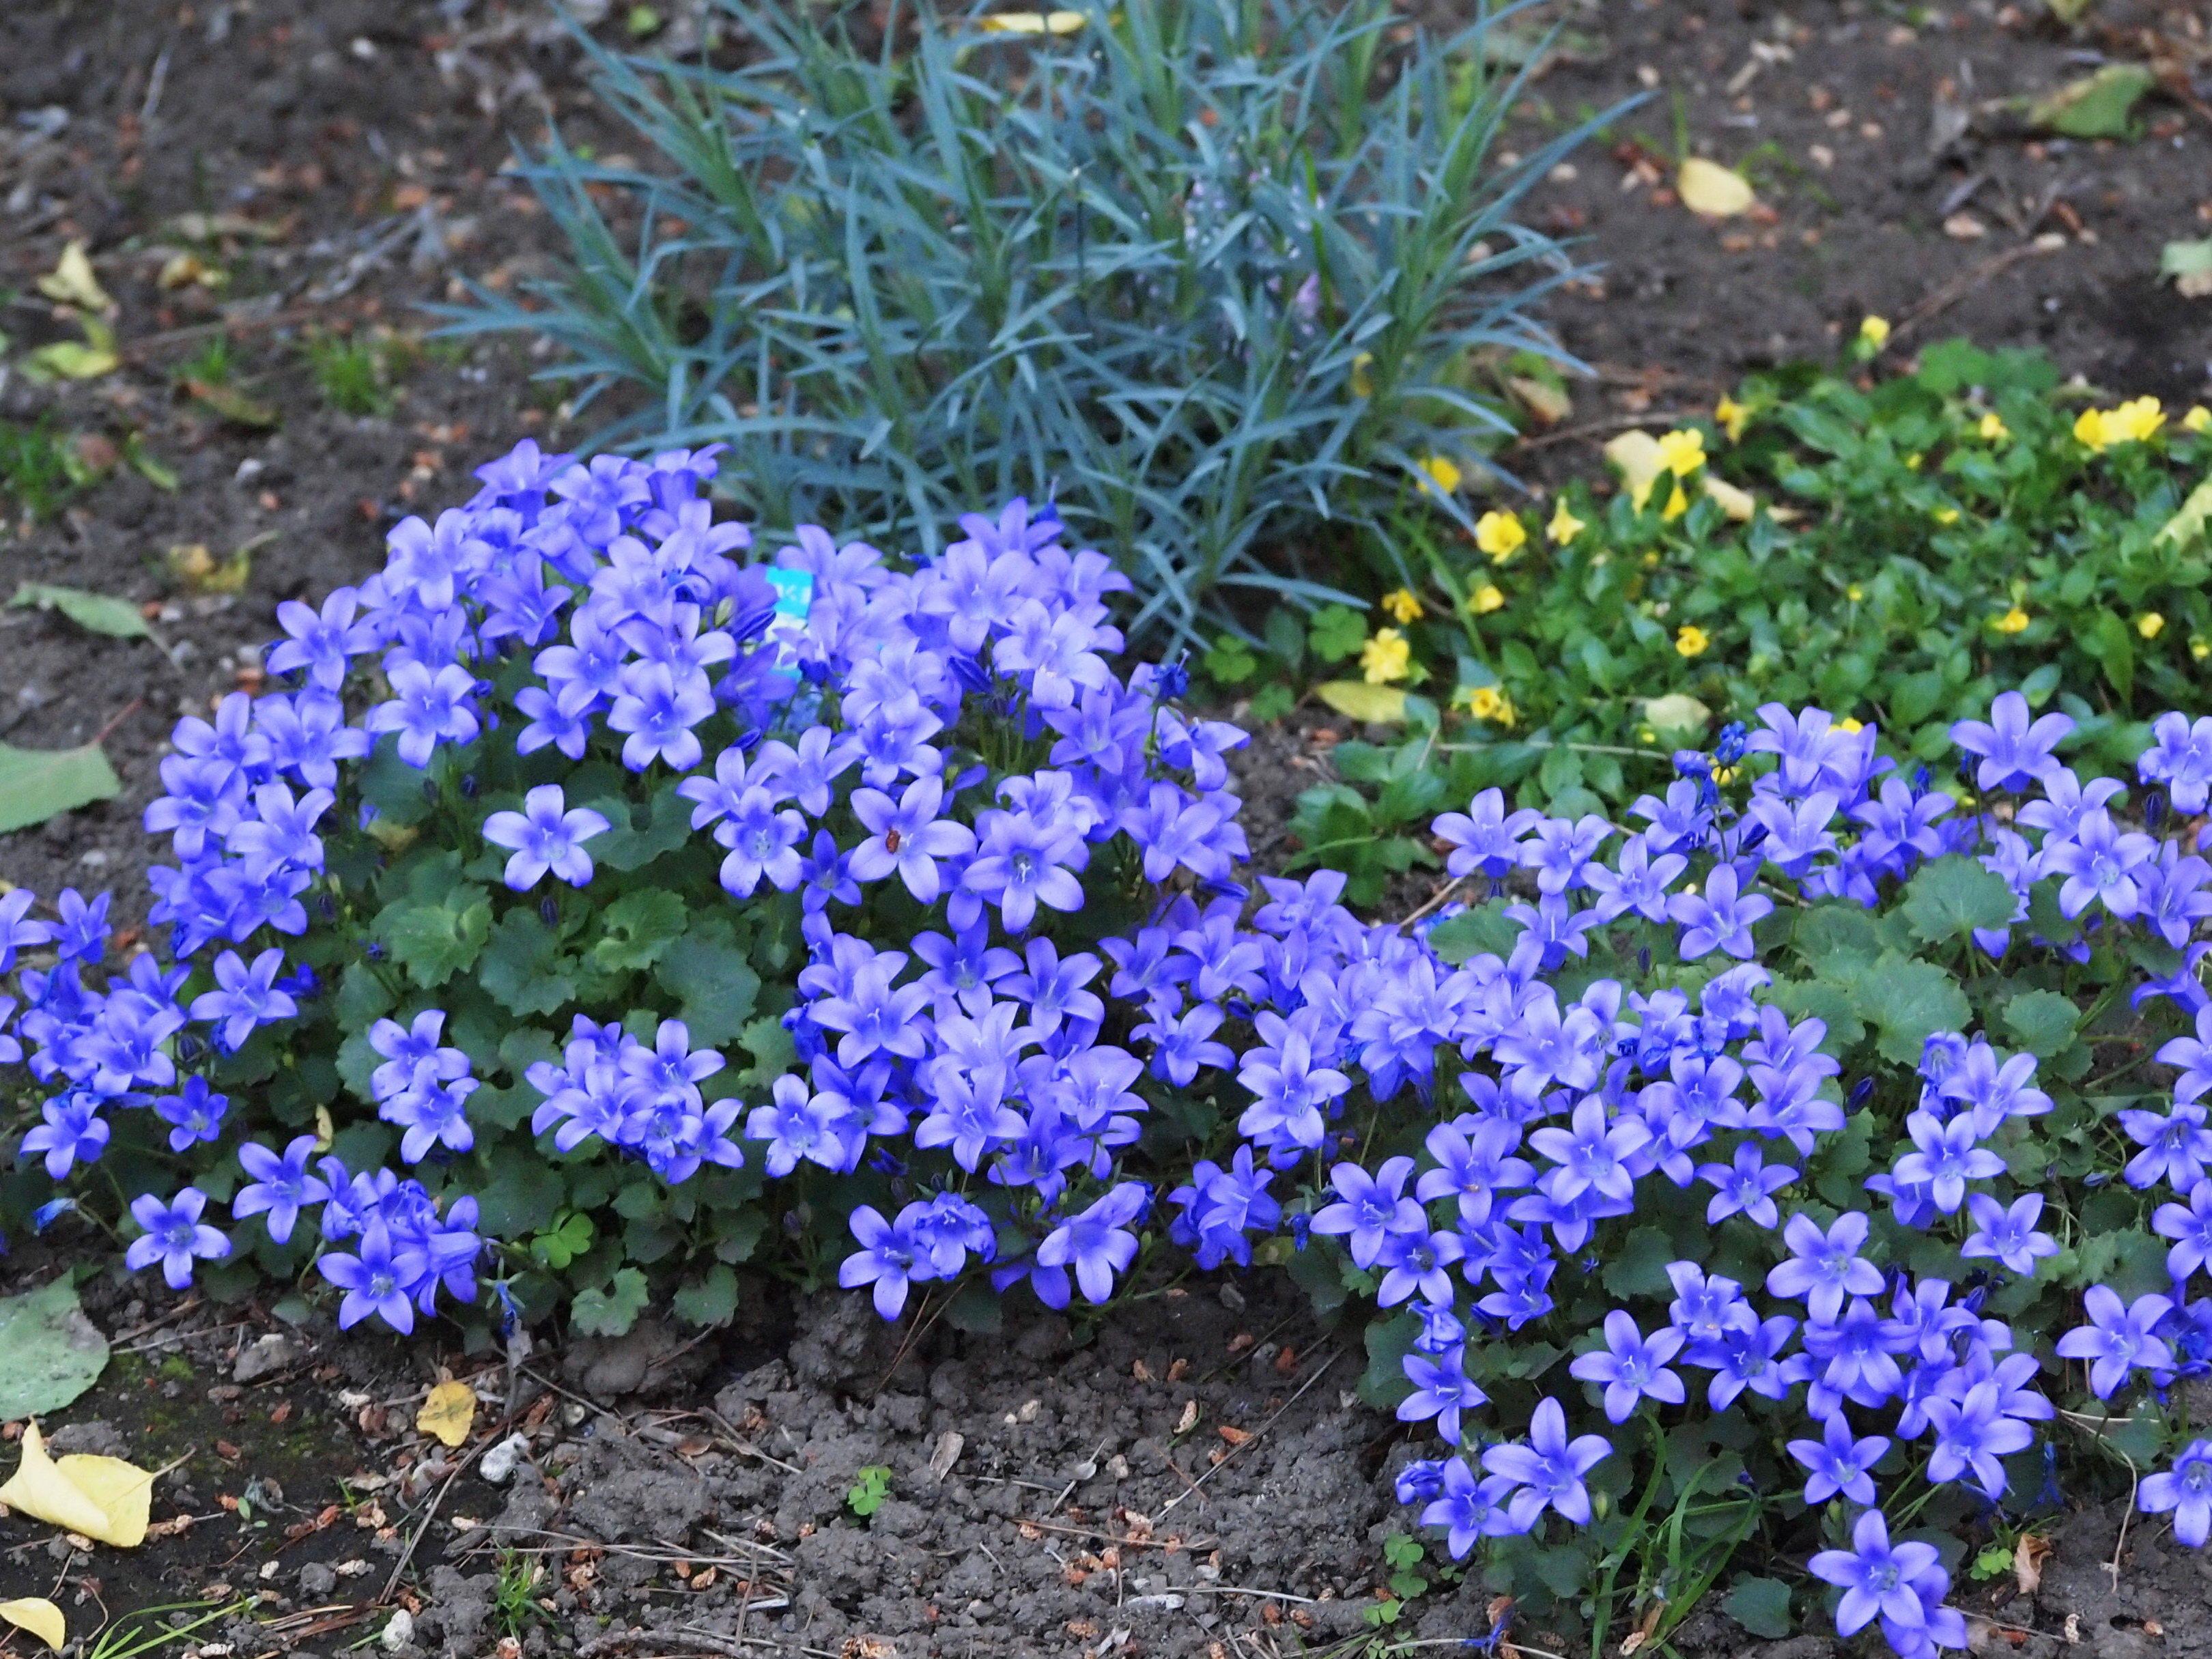 植えたままでもok!お庭に地植えする方法と適したお花の紹介のサムネイル画像